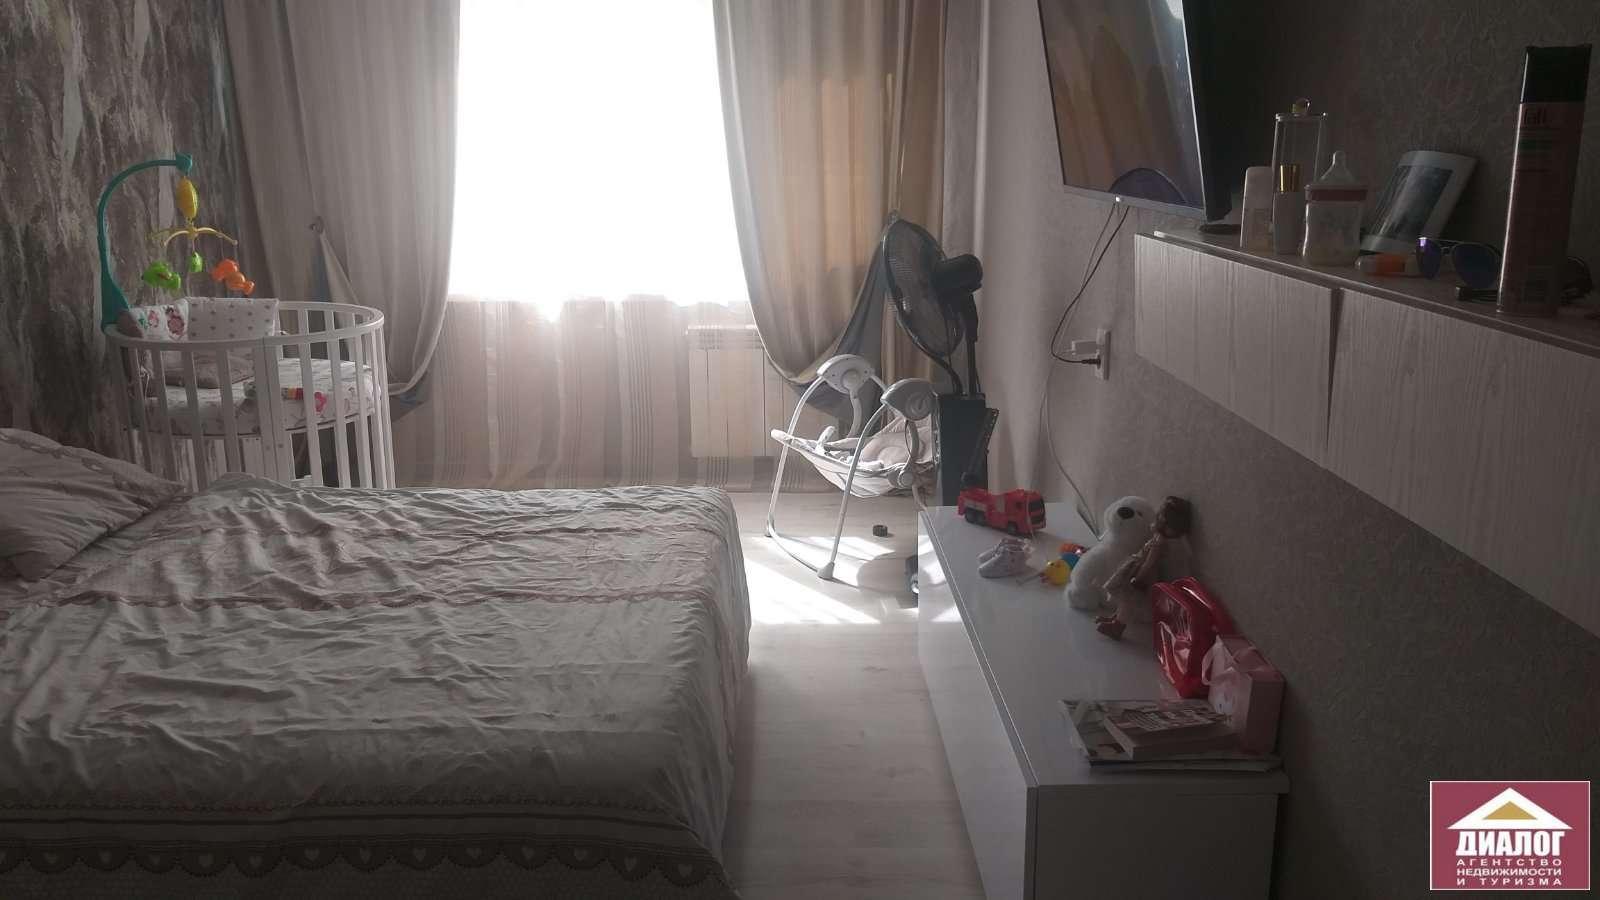 Продажа 3-комнатной квартиры, г. Тольятти, 40 лет Победы улица  дом 102